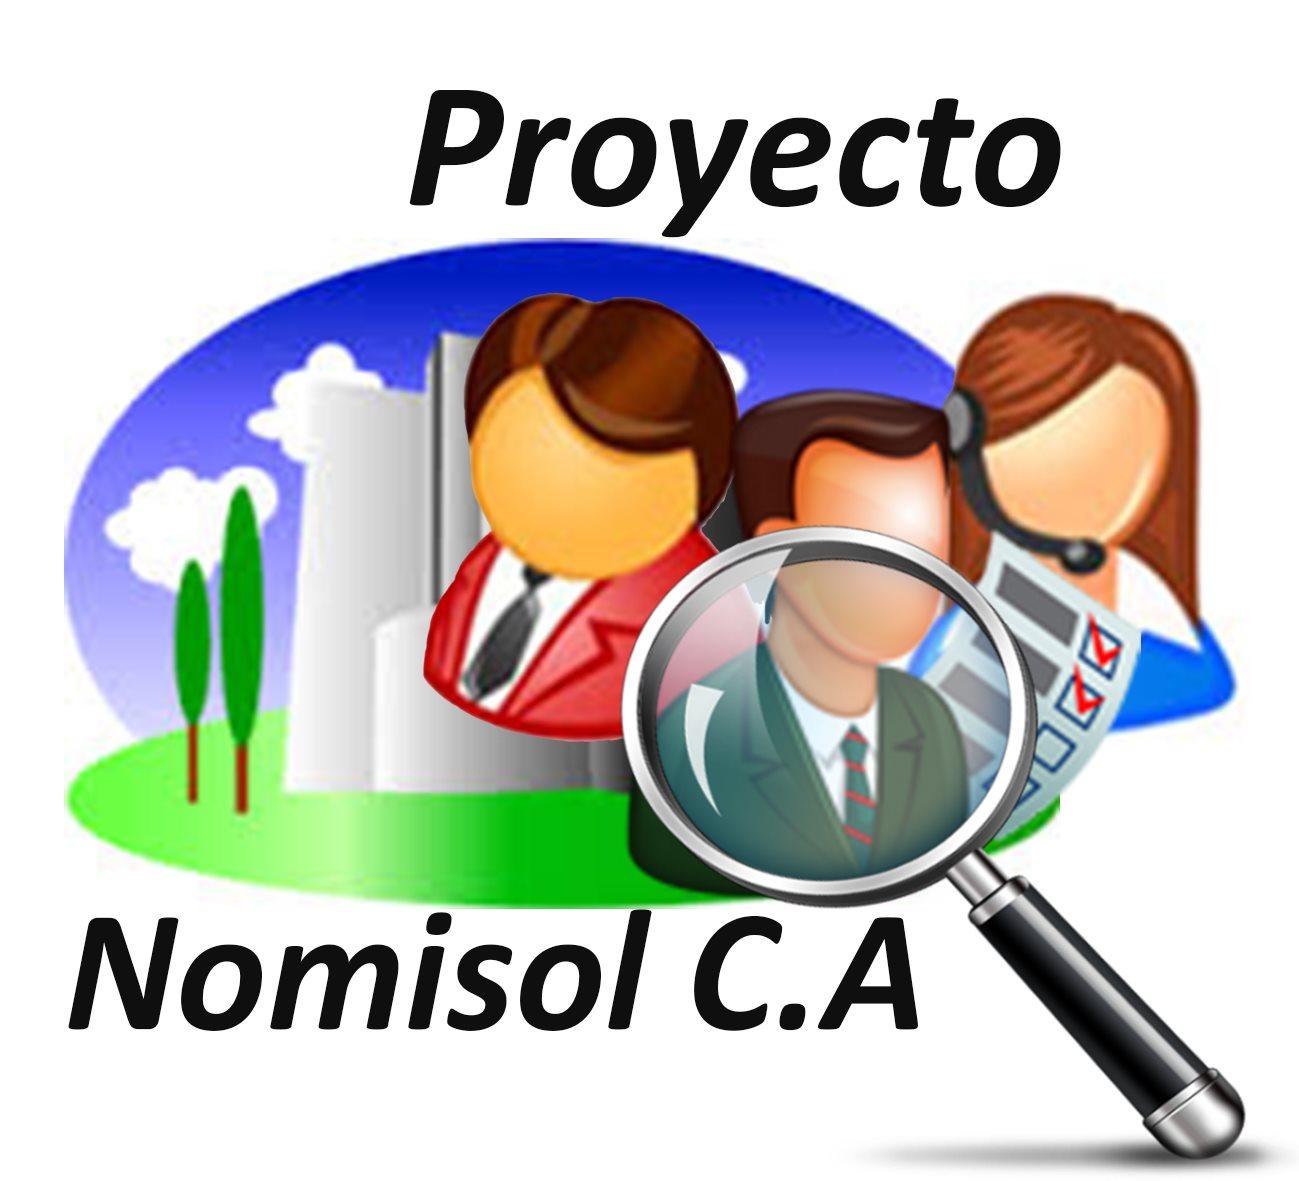 Proyecto Nomisol